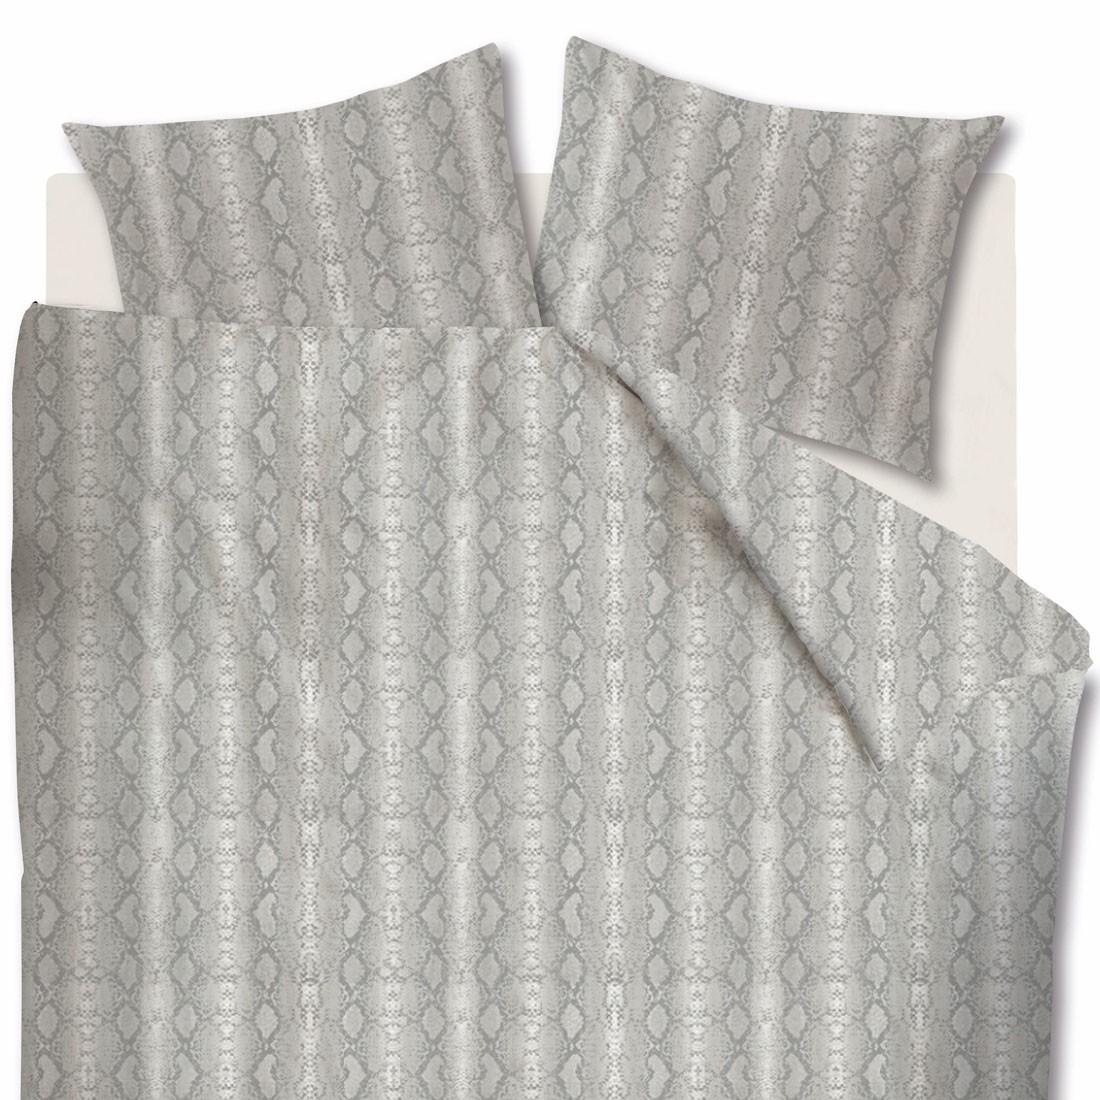 online angebote 85721 bis 85730 bei home24 im m belshop seite 8573. Black Bedroom Furniture Sets. Home Design Ideas